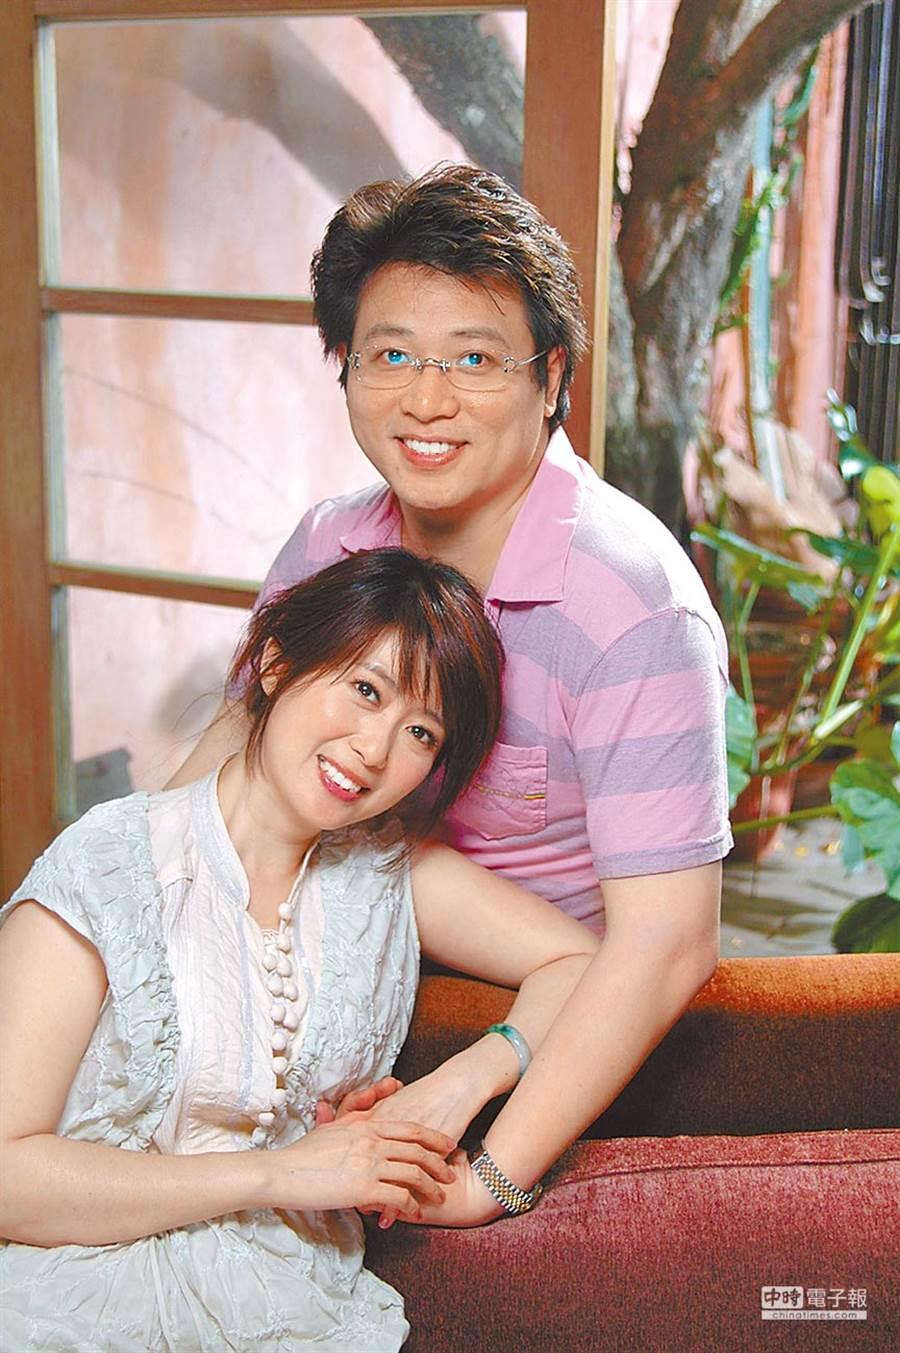 孟庭葦和前夫張志鵬恩愛畫面已成回憶。(圖/中時資料照)